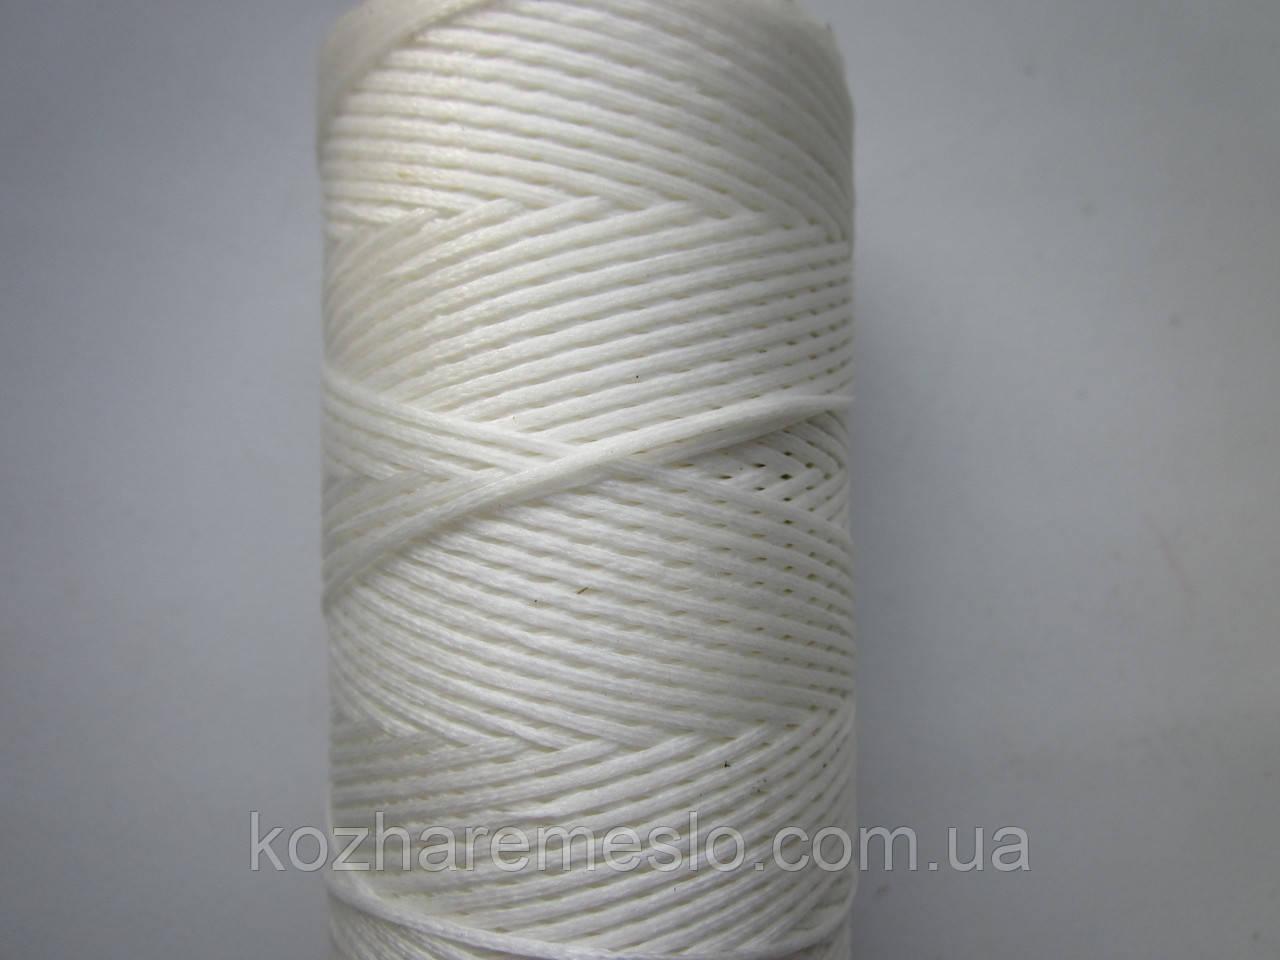 Нить вощёная плоская 1 мм белая 500 метров